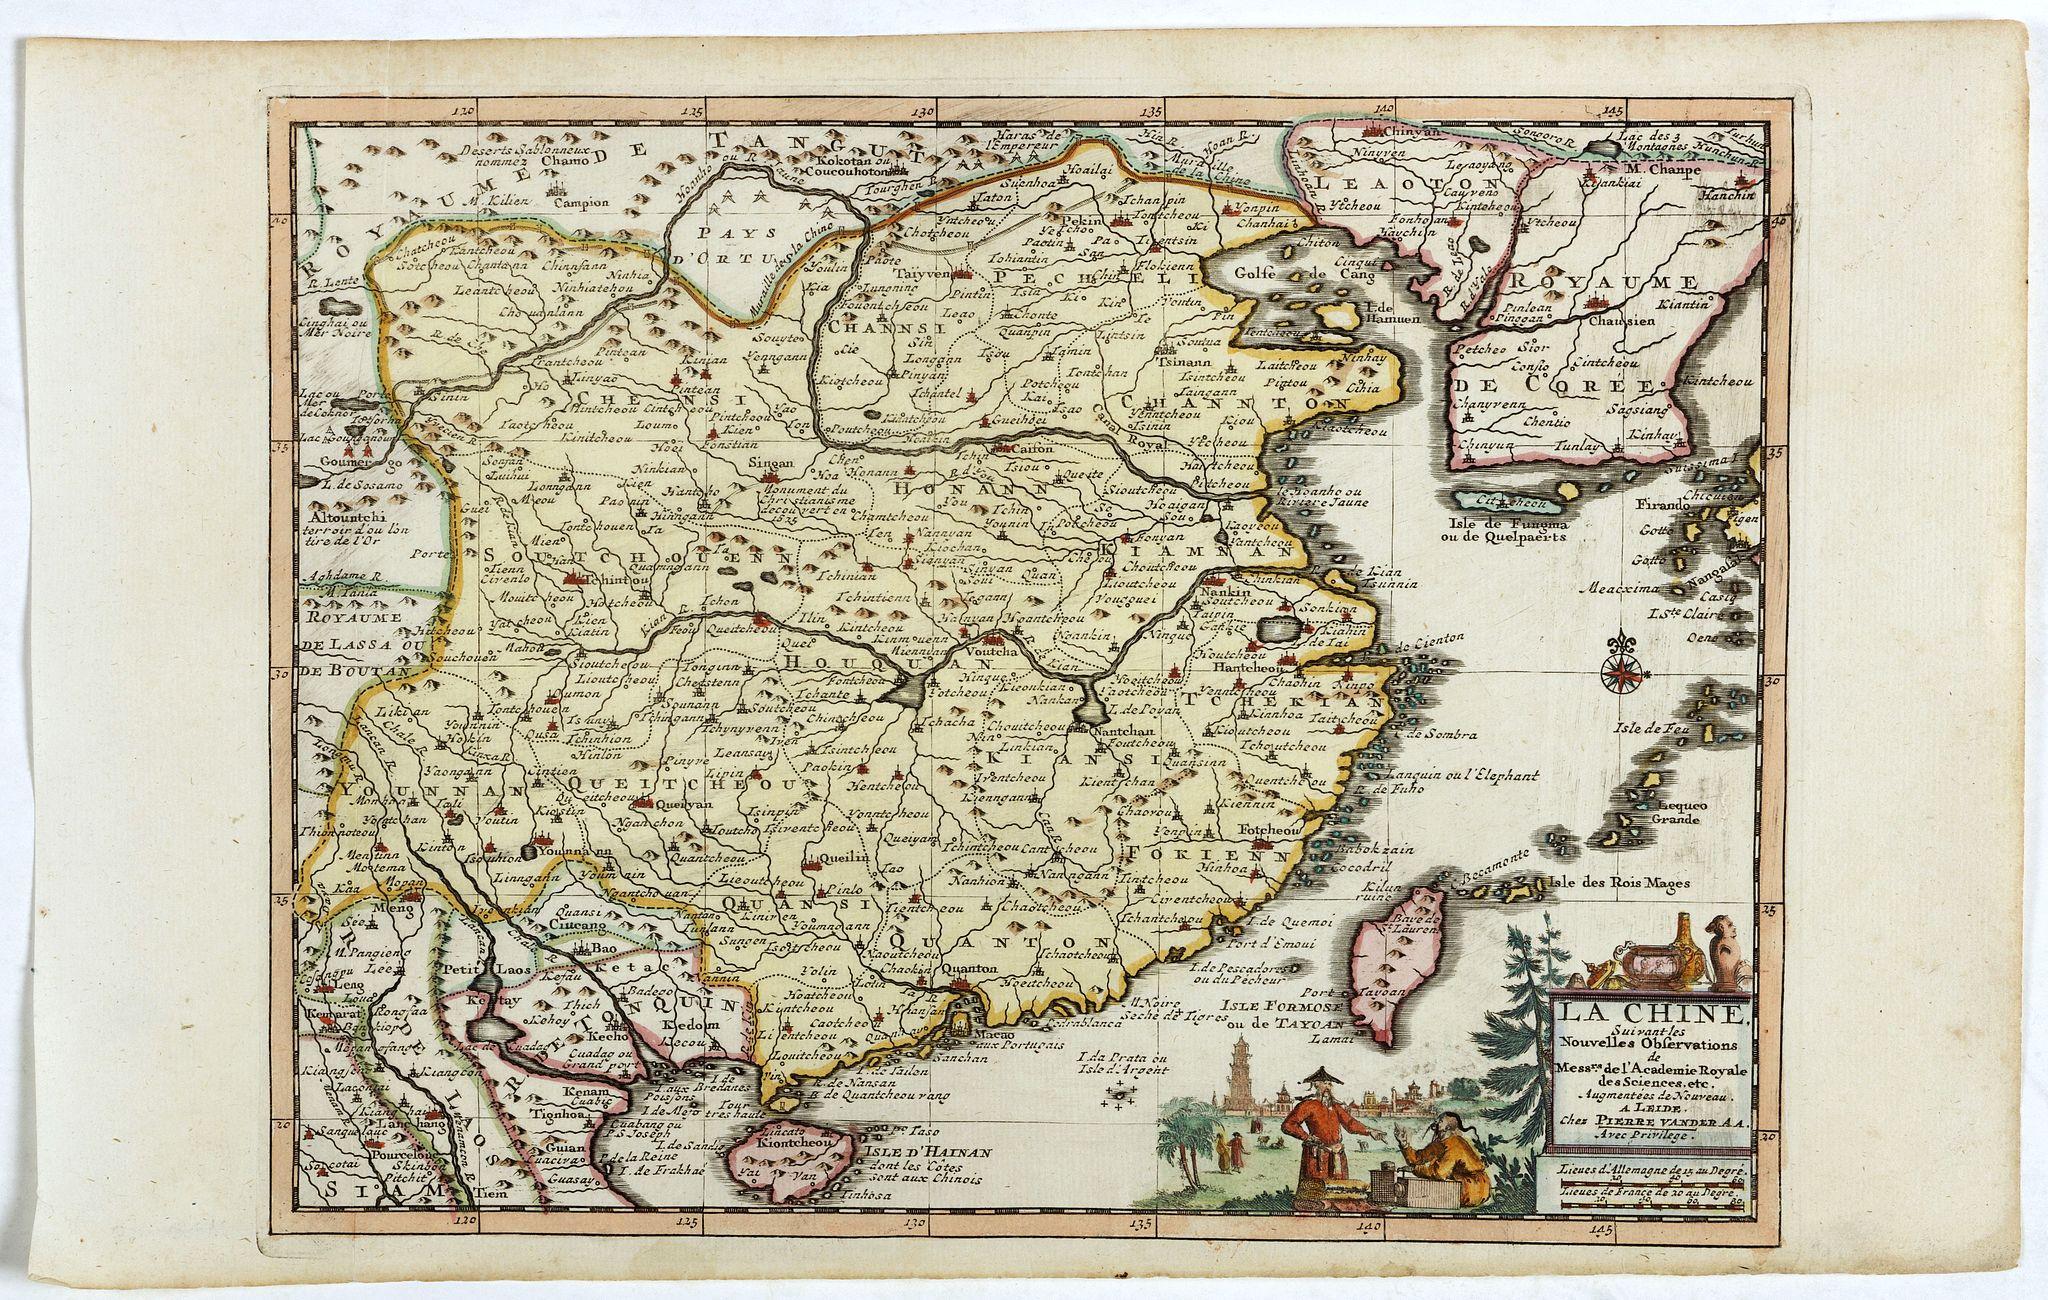 AA, P. van der -  La Chine suivant les nouvelles observations…